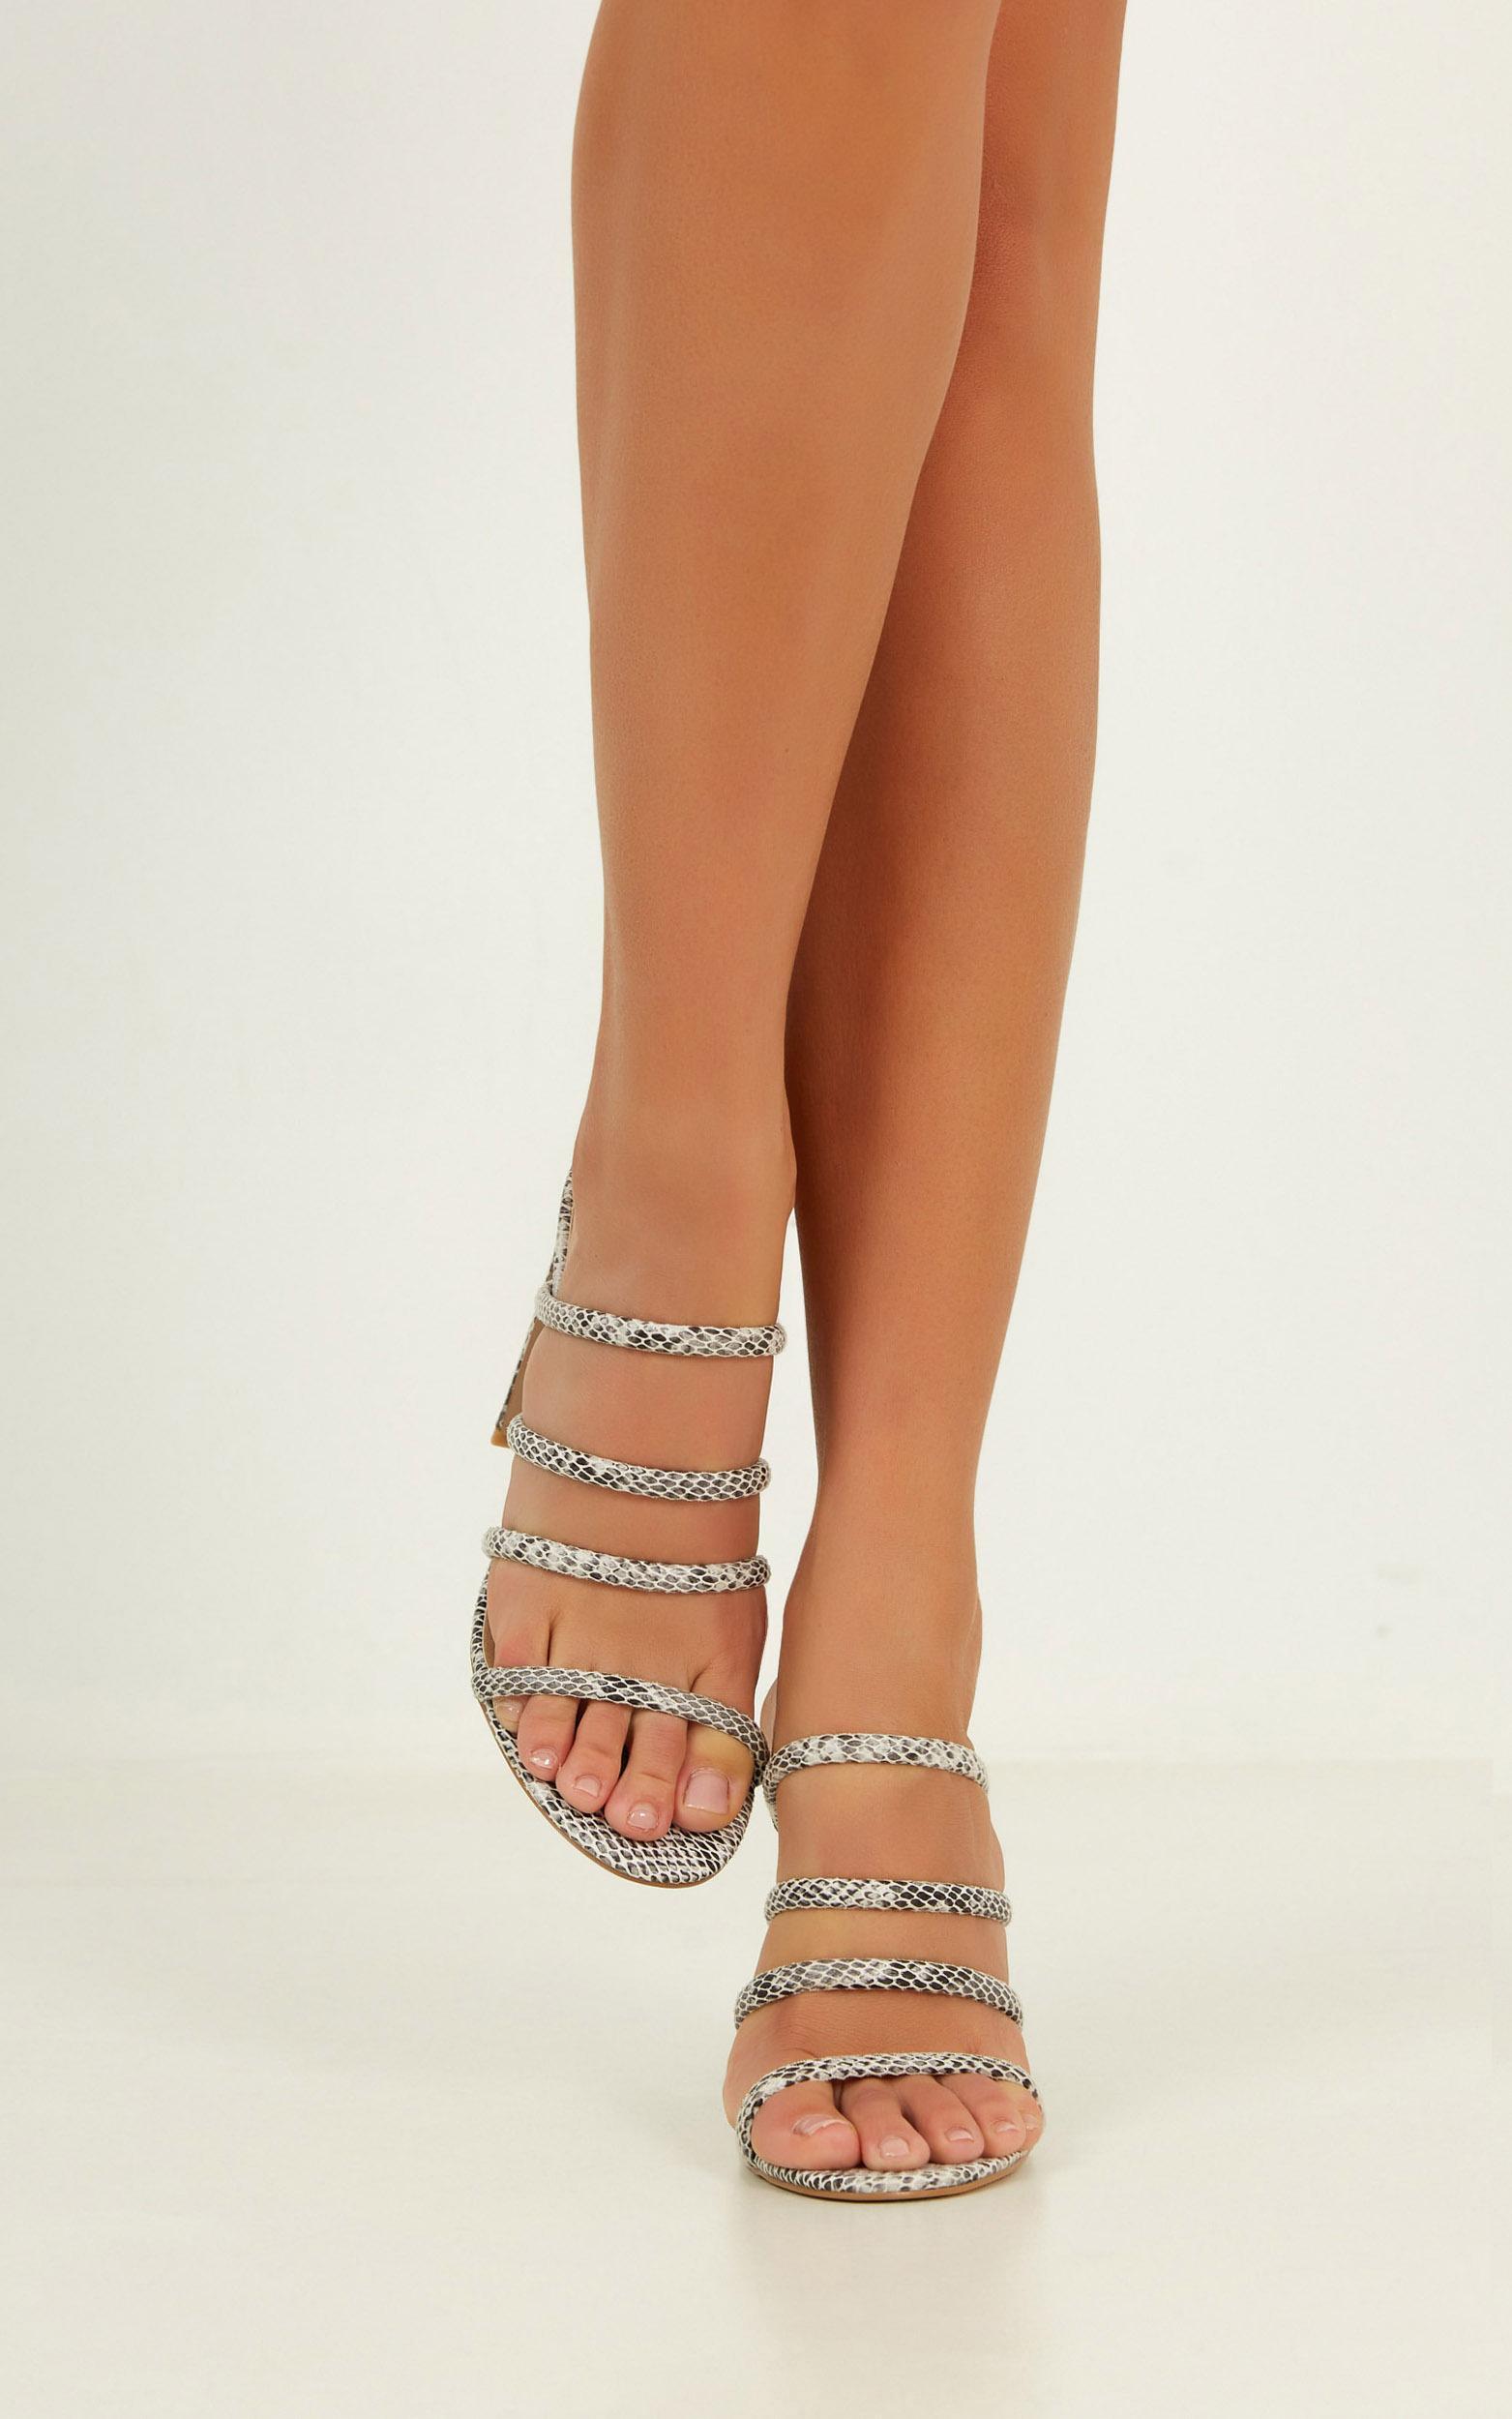 Billini - Daciana heels in white reptile - 10, Grey, hi-res image number null